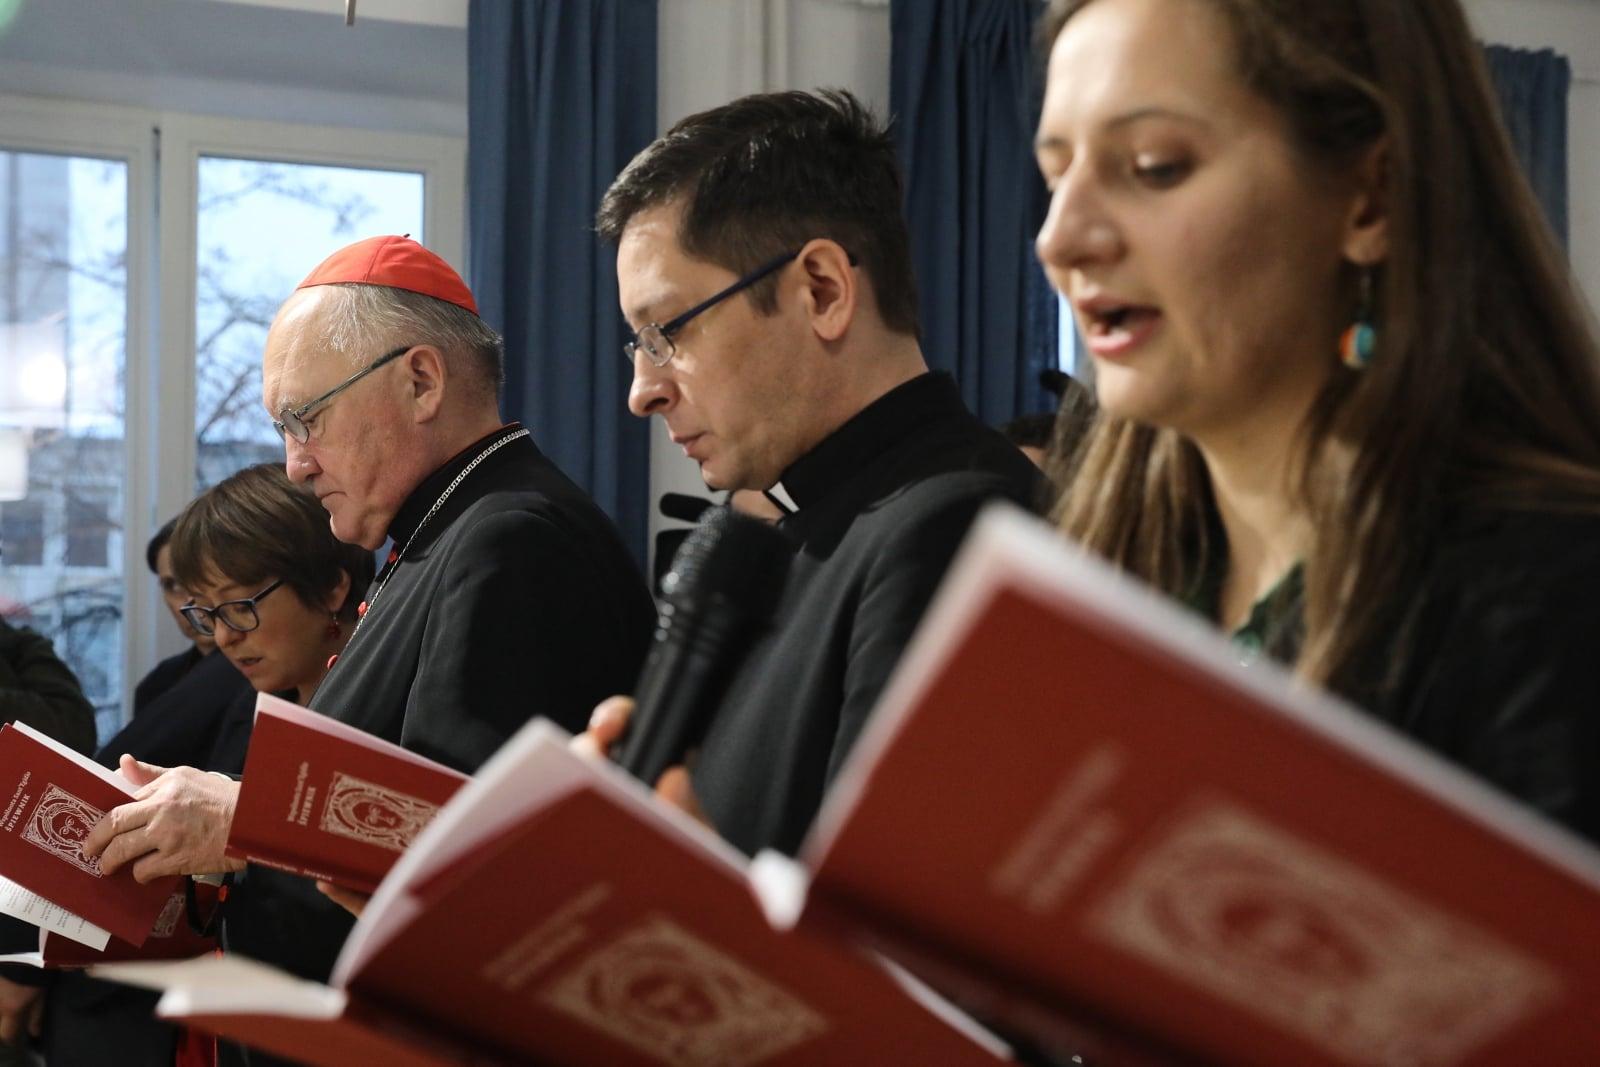 Modlitwa za ubogich w Warszawie fot. PAP/Tomasz Gzell